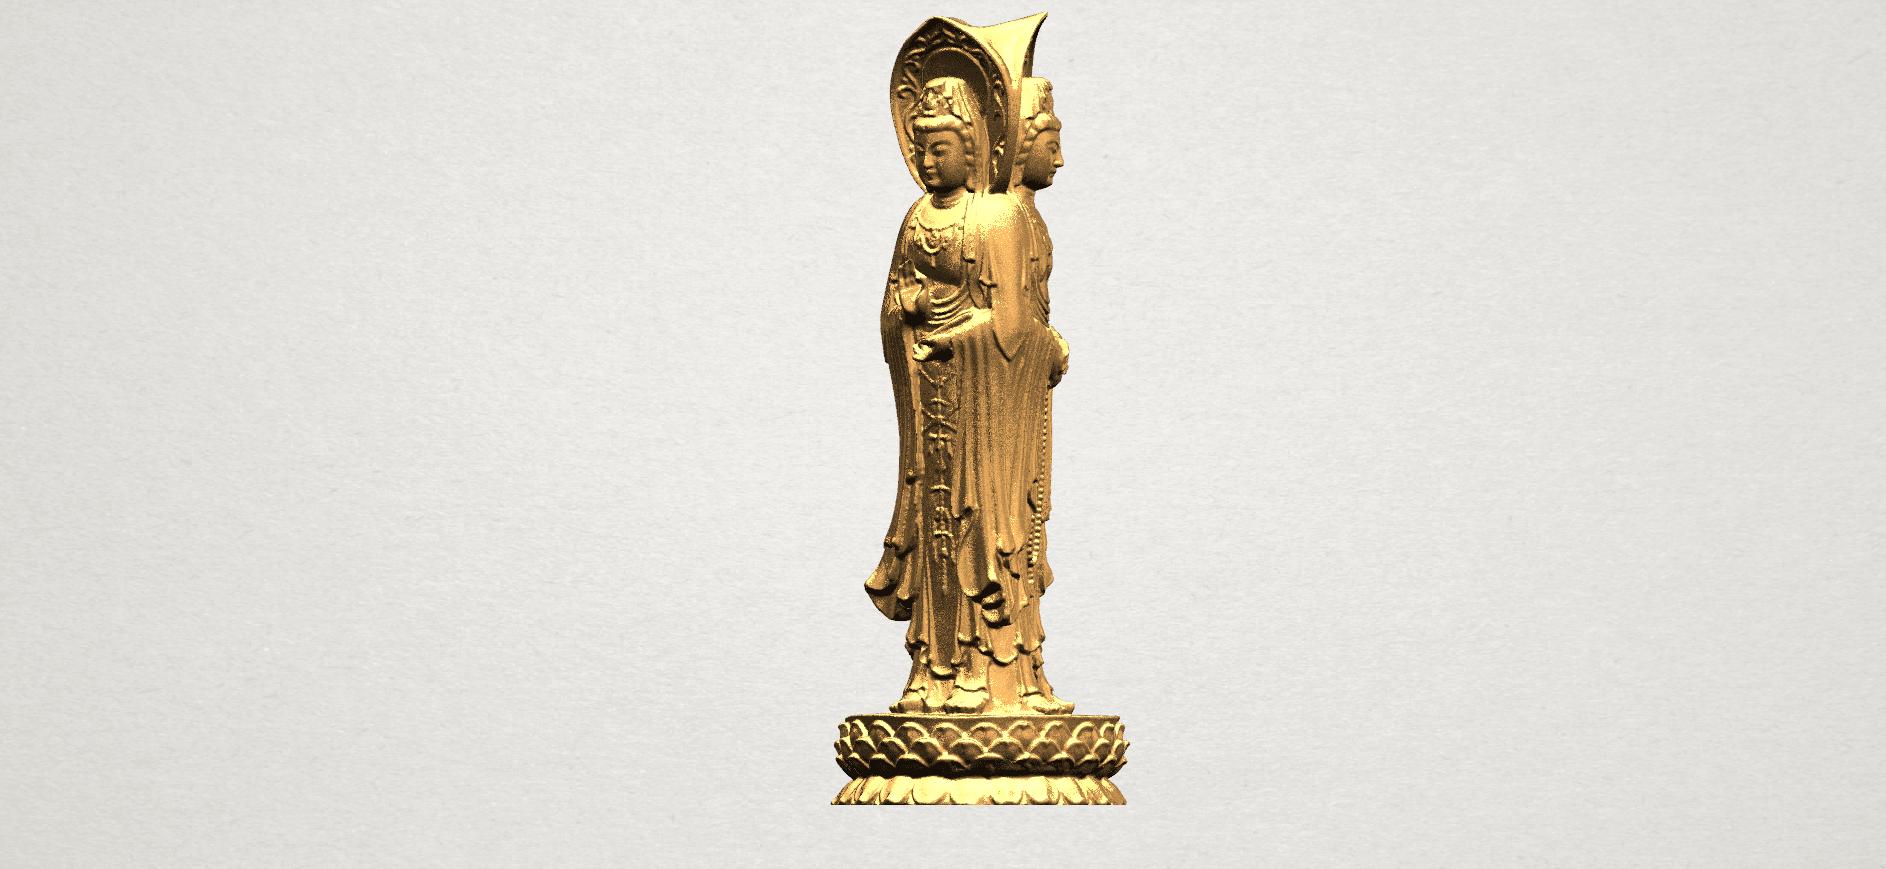 Avalokitesvara Buddha (with Lotus Leave) (i) A05.png Download free STL file Avalokitesvara Buddha (with Lotus Leave) 01 • 3D printable model, GeorgesNikkei